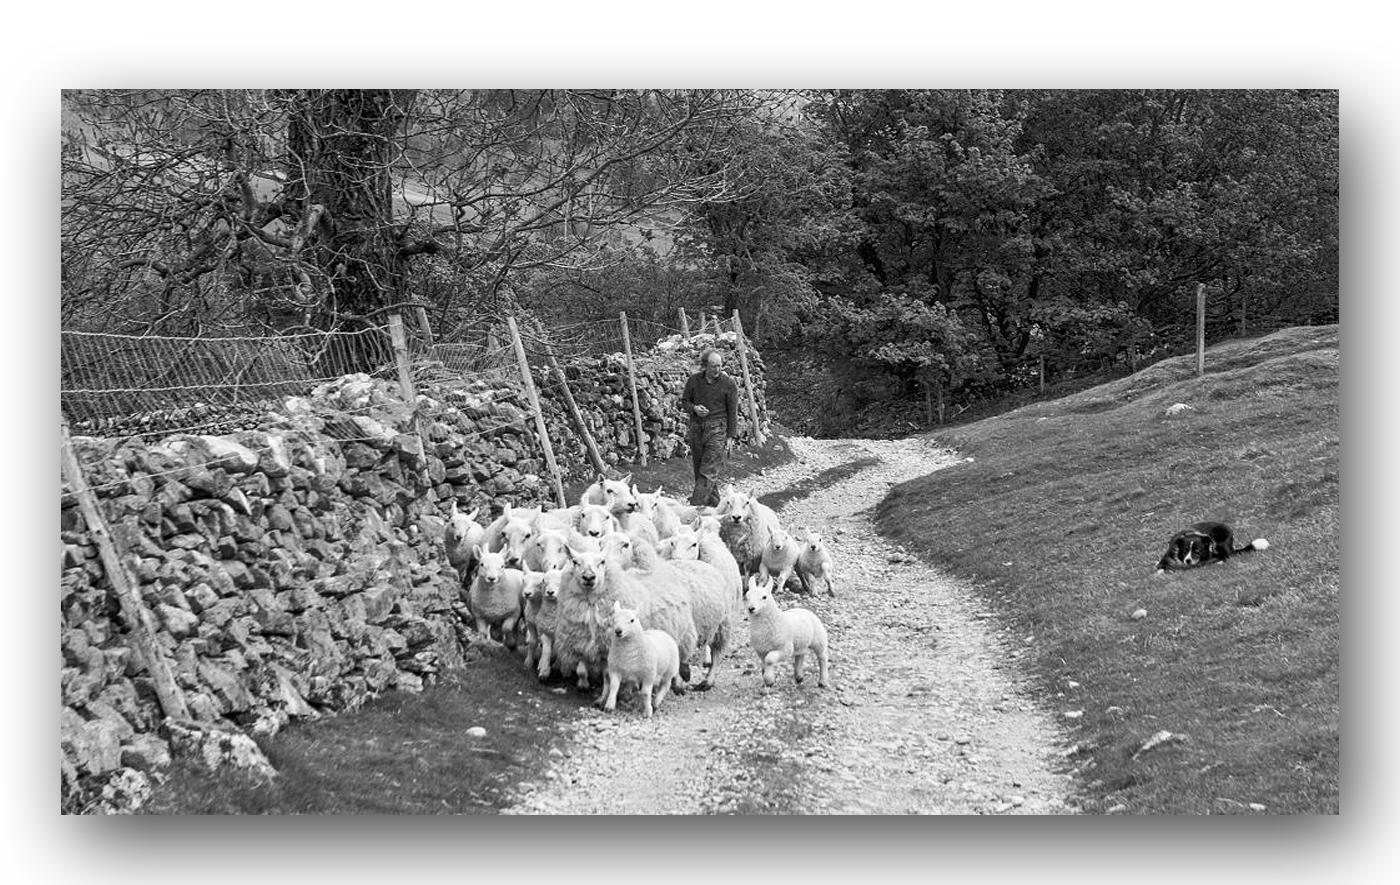 The Shepherd, Kettlewell